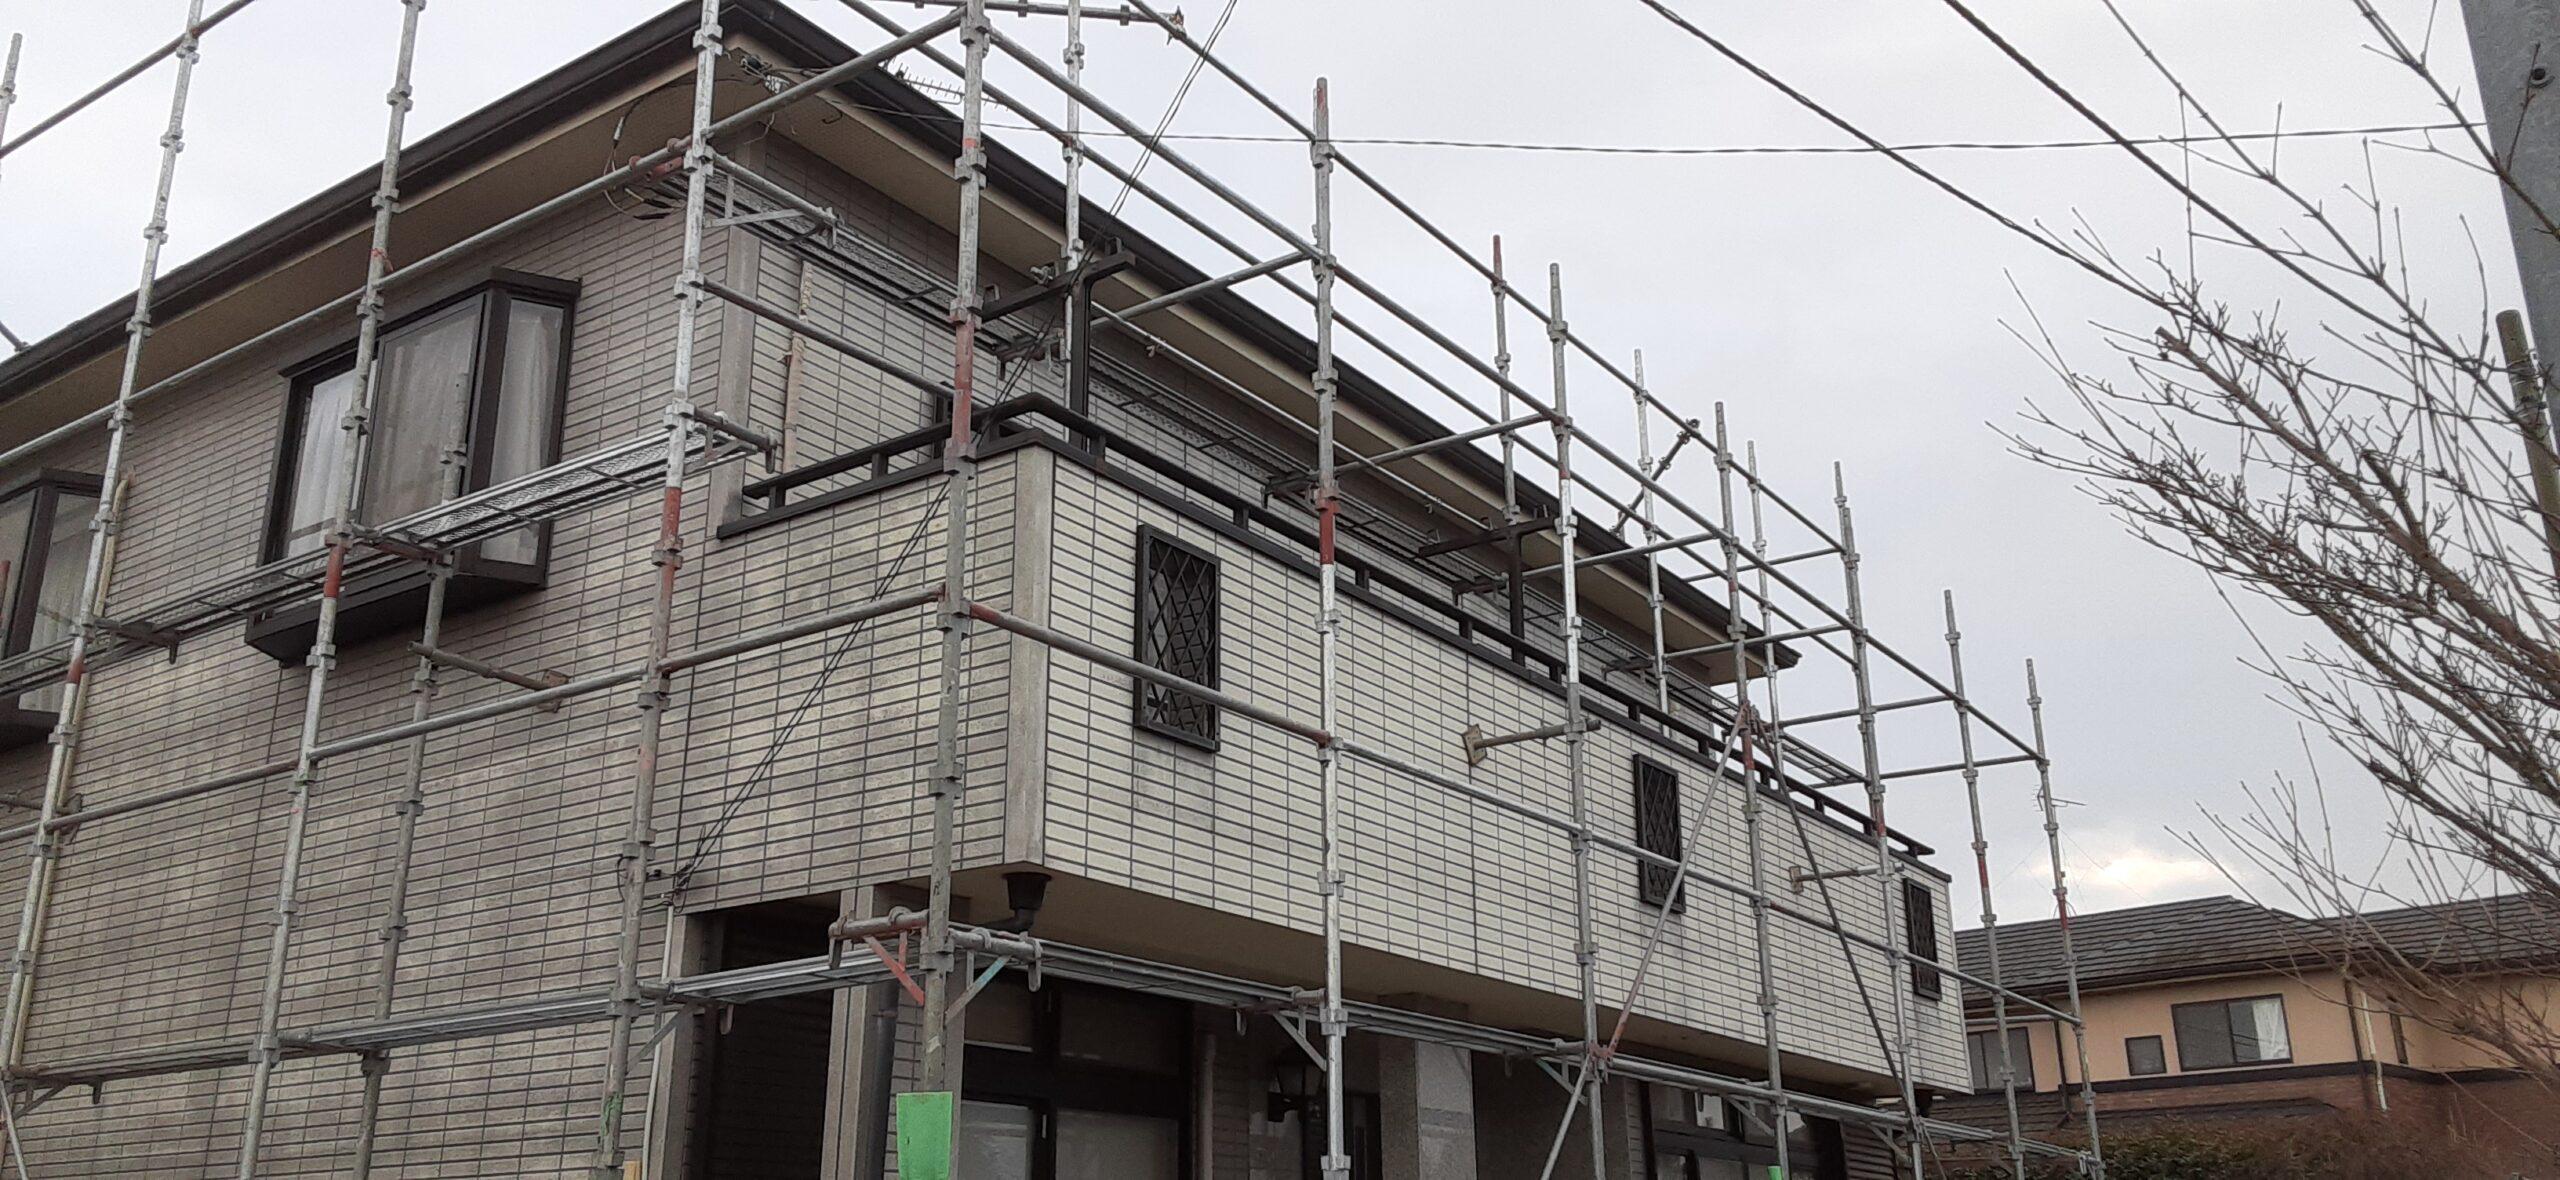 埼玉県さいたま市 外壁塗装のメッシュ張り/さいたま市岩槻区の(木造2階建て)M様邸にて塗り替えリホーム